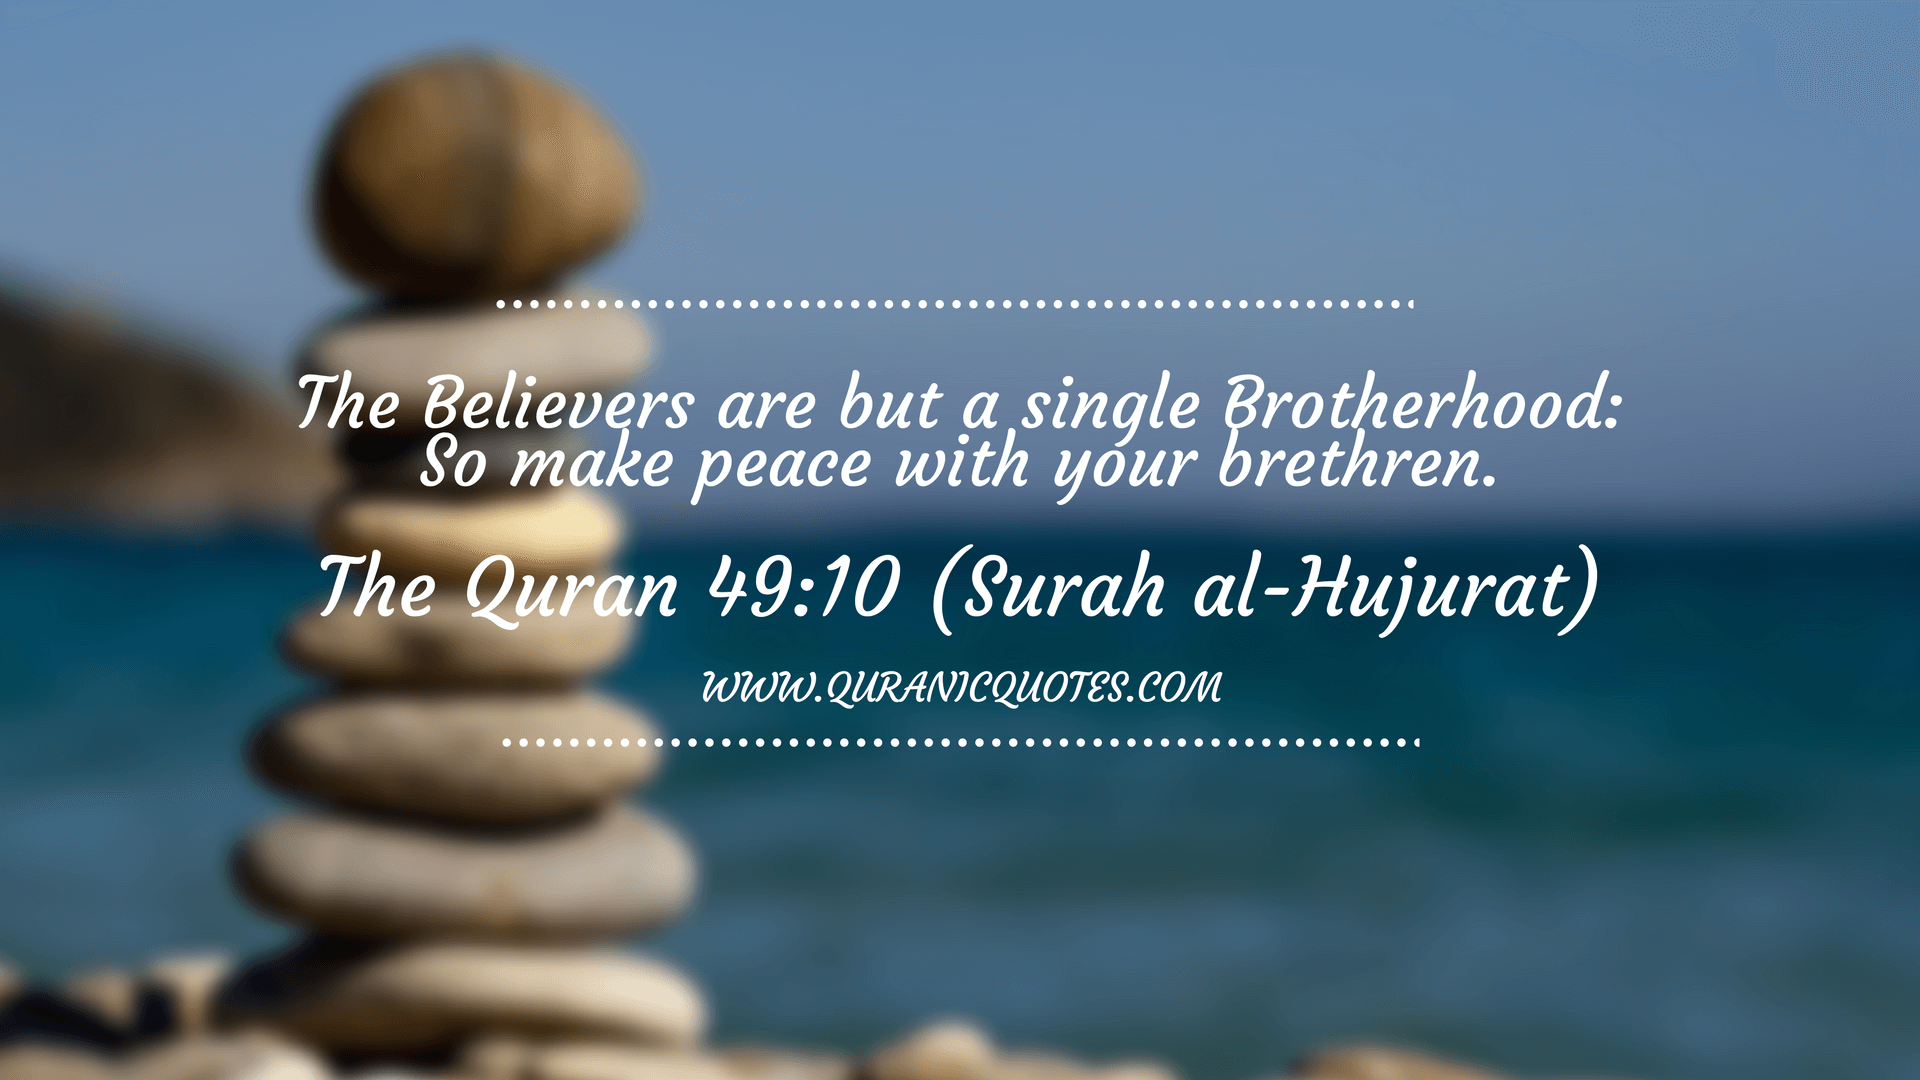 Wallpaper Ayat Quran Quran 49 10 1582310 Hd Wallpaper